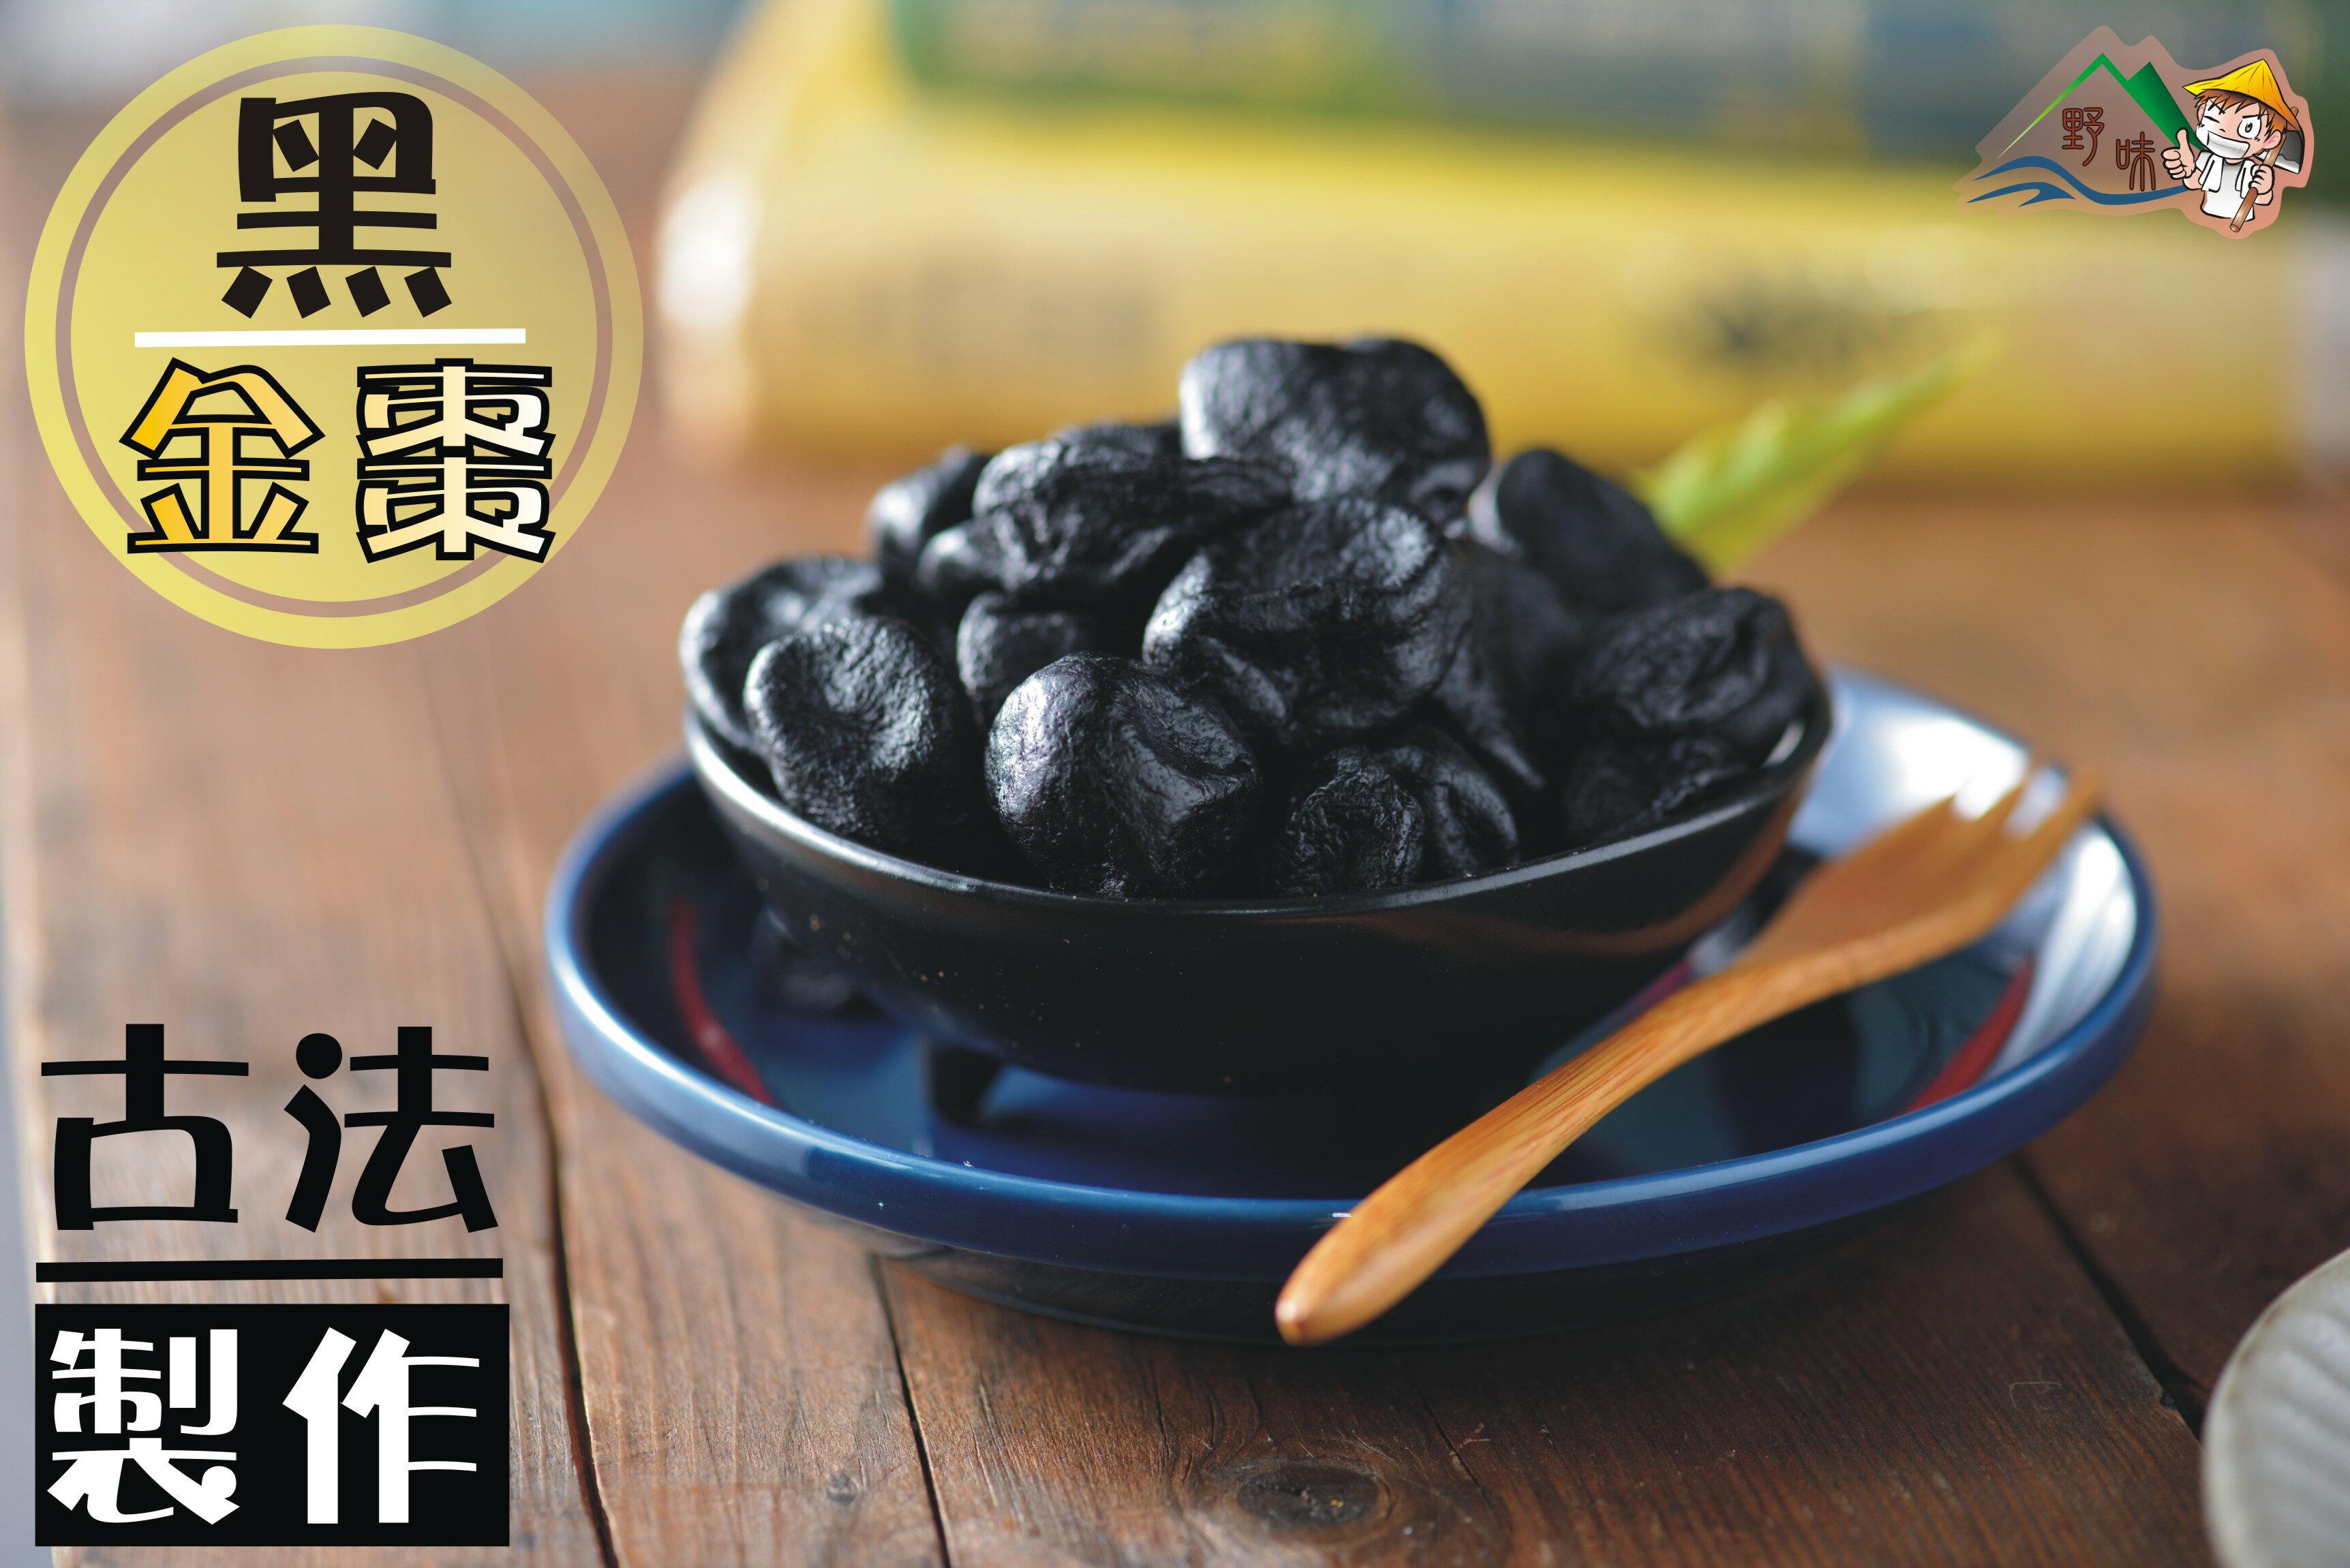 【野味食品】宜蘭黑金棗(金棗乾)(250g / 包,700g / 包)(桃園出貨) 0